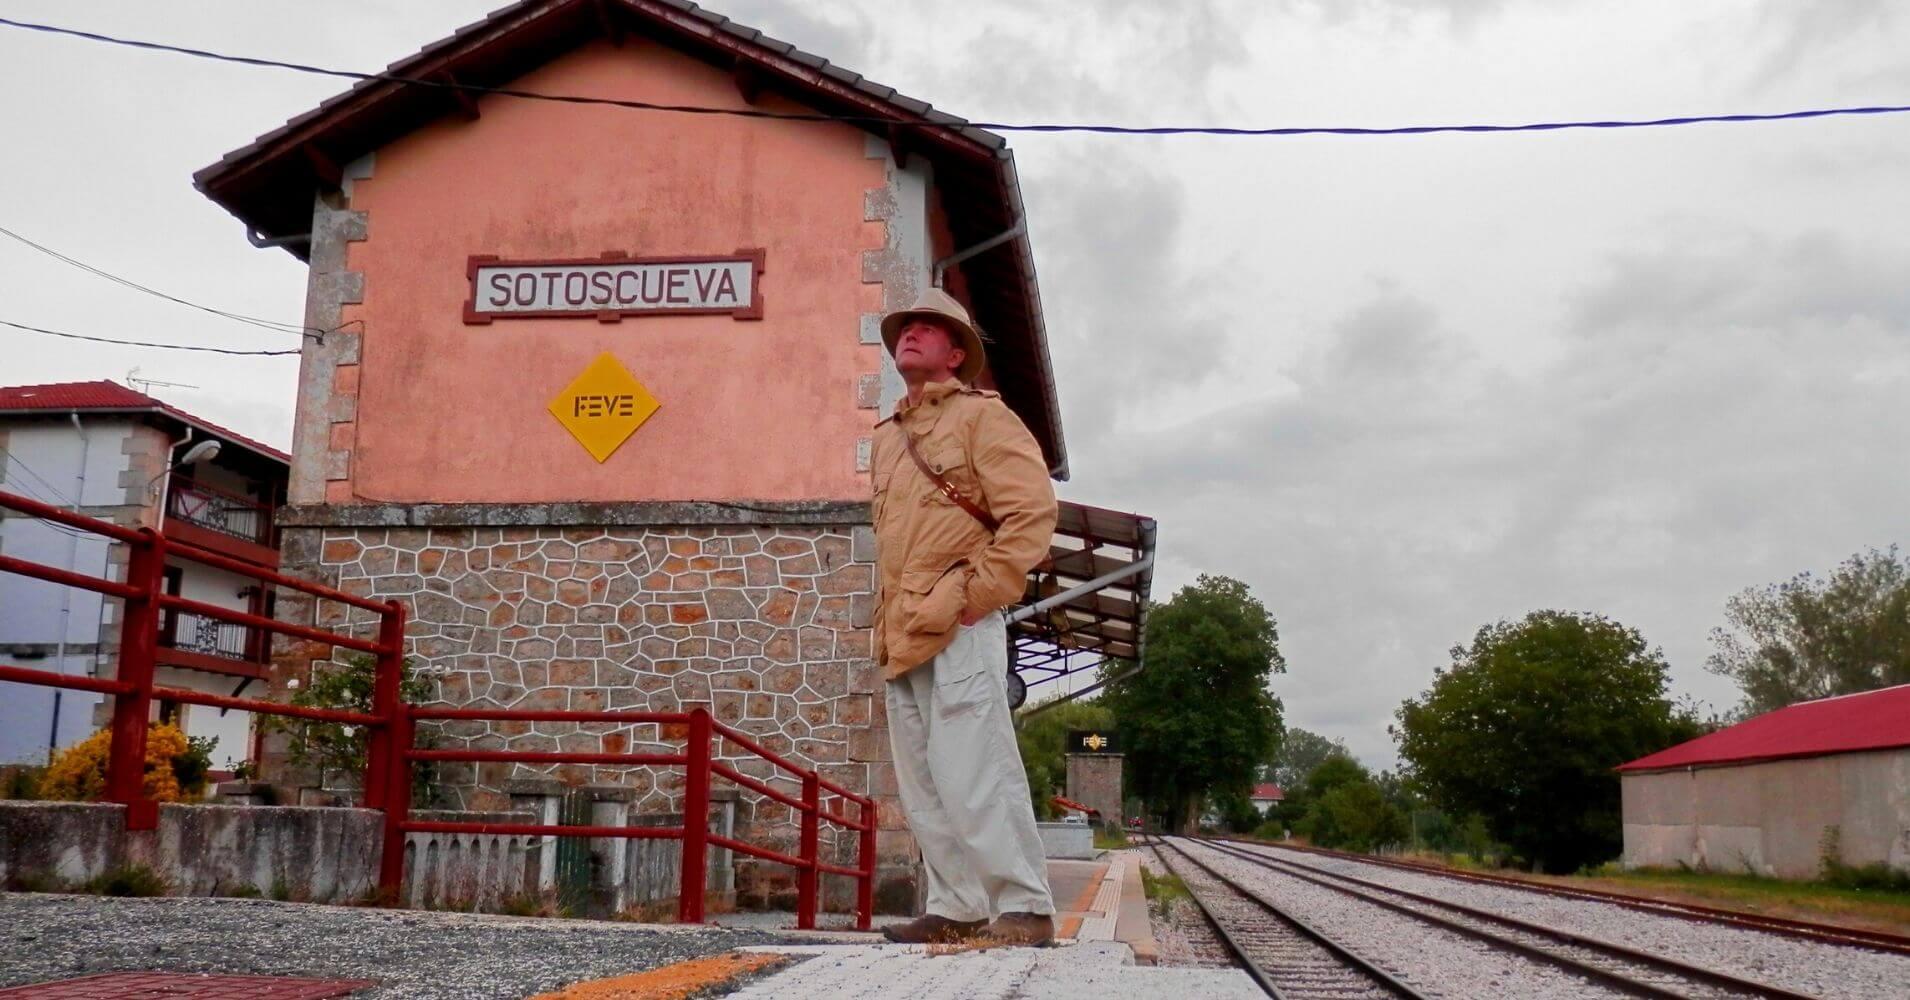 Estación de Sotoscuevas. Viaje en Tren en el Expreso de la Robla, Las Merindades, Burgos. Castilla y León.